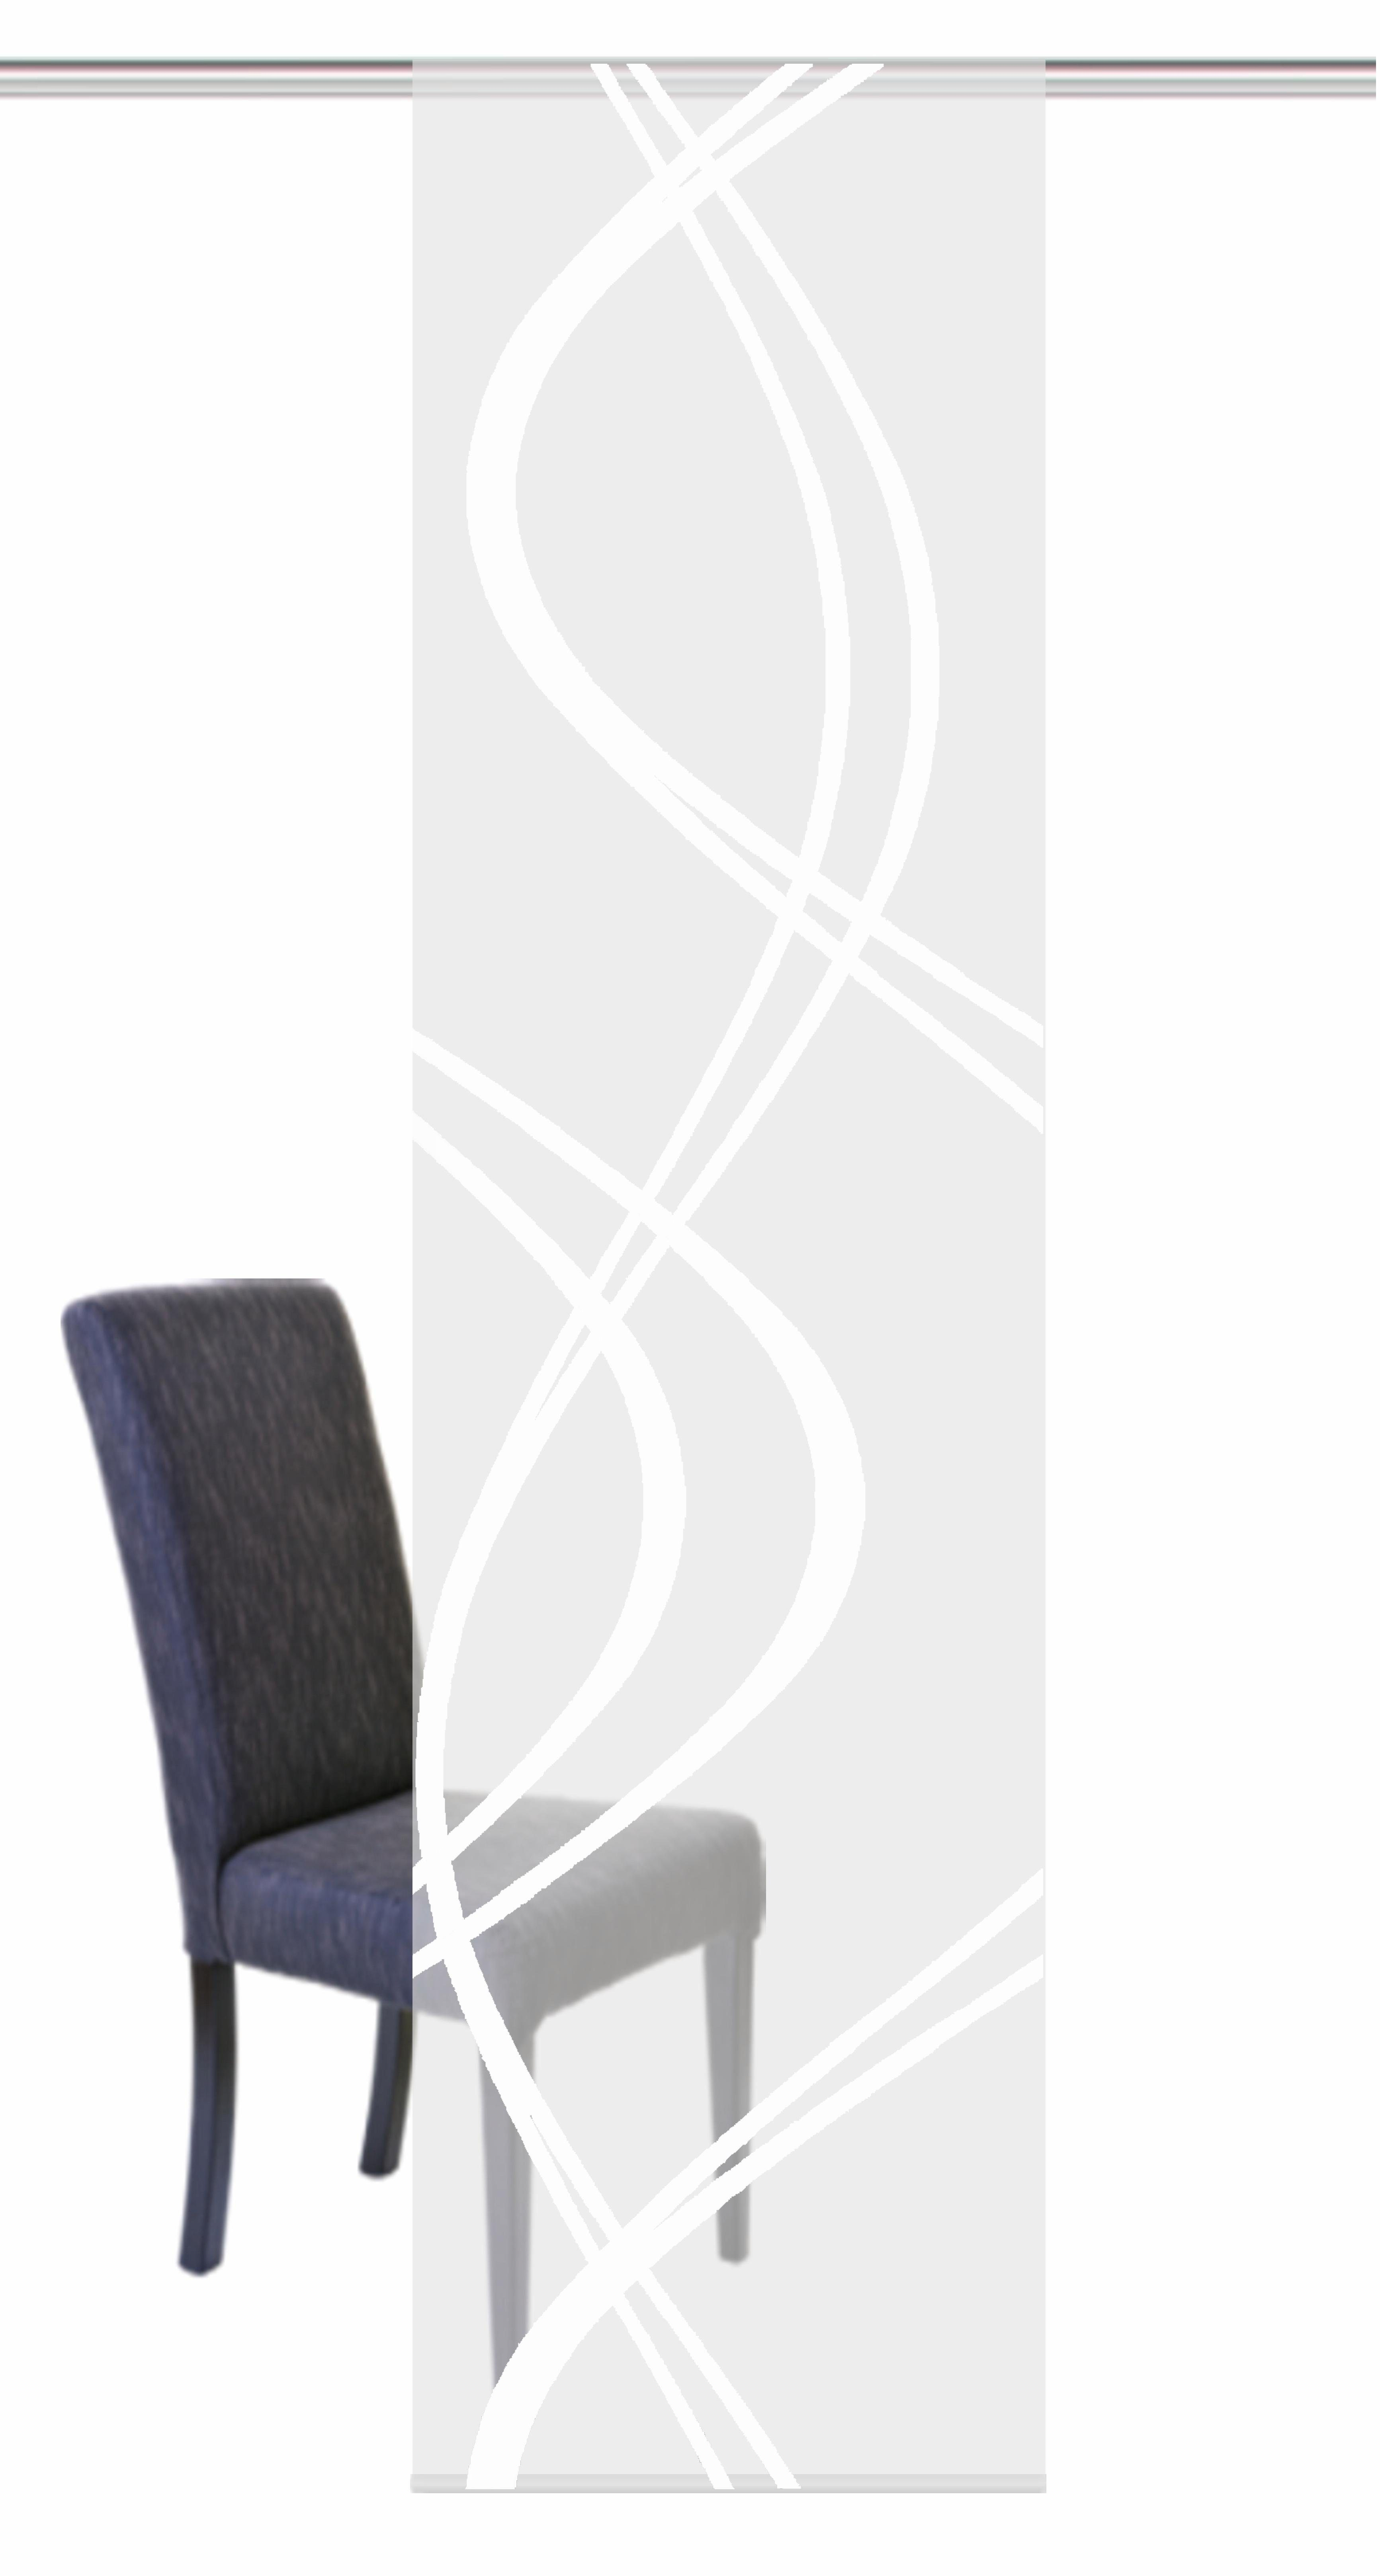 Schiebevorhang, Home Wohnideen, »TIBERIO«, mit Klettband, transparenter Voile (1 Stück mit Zubehör)